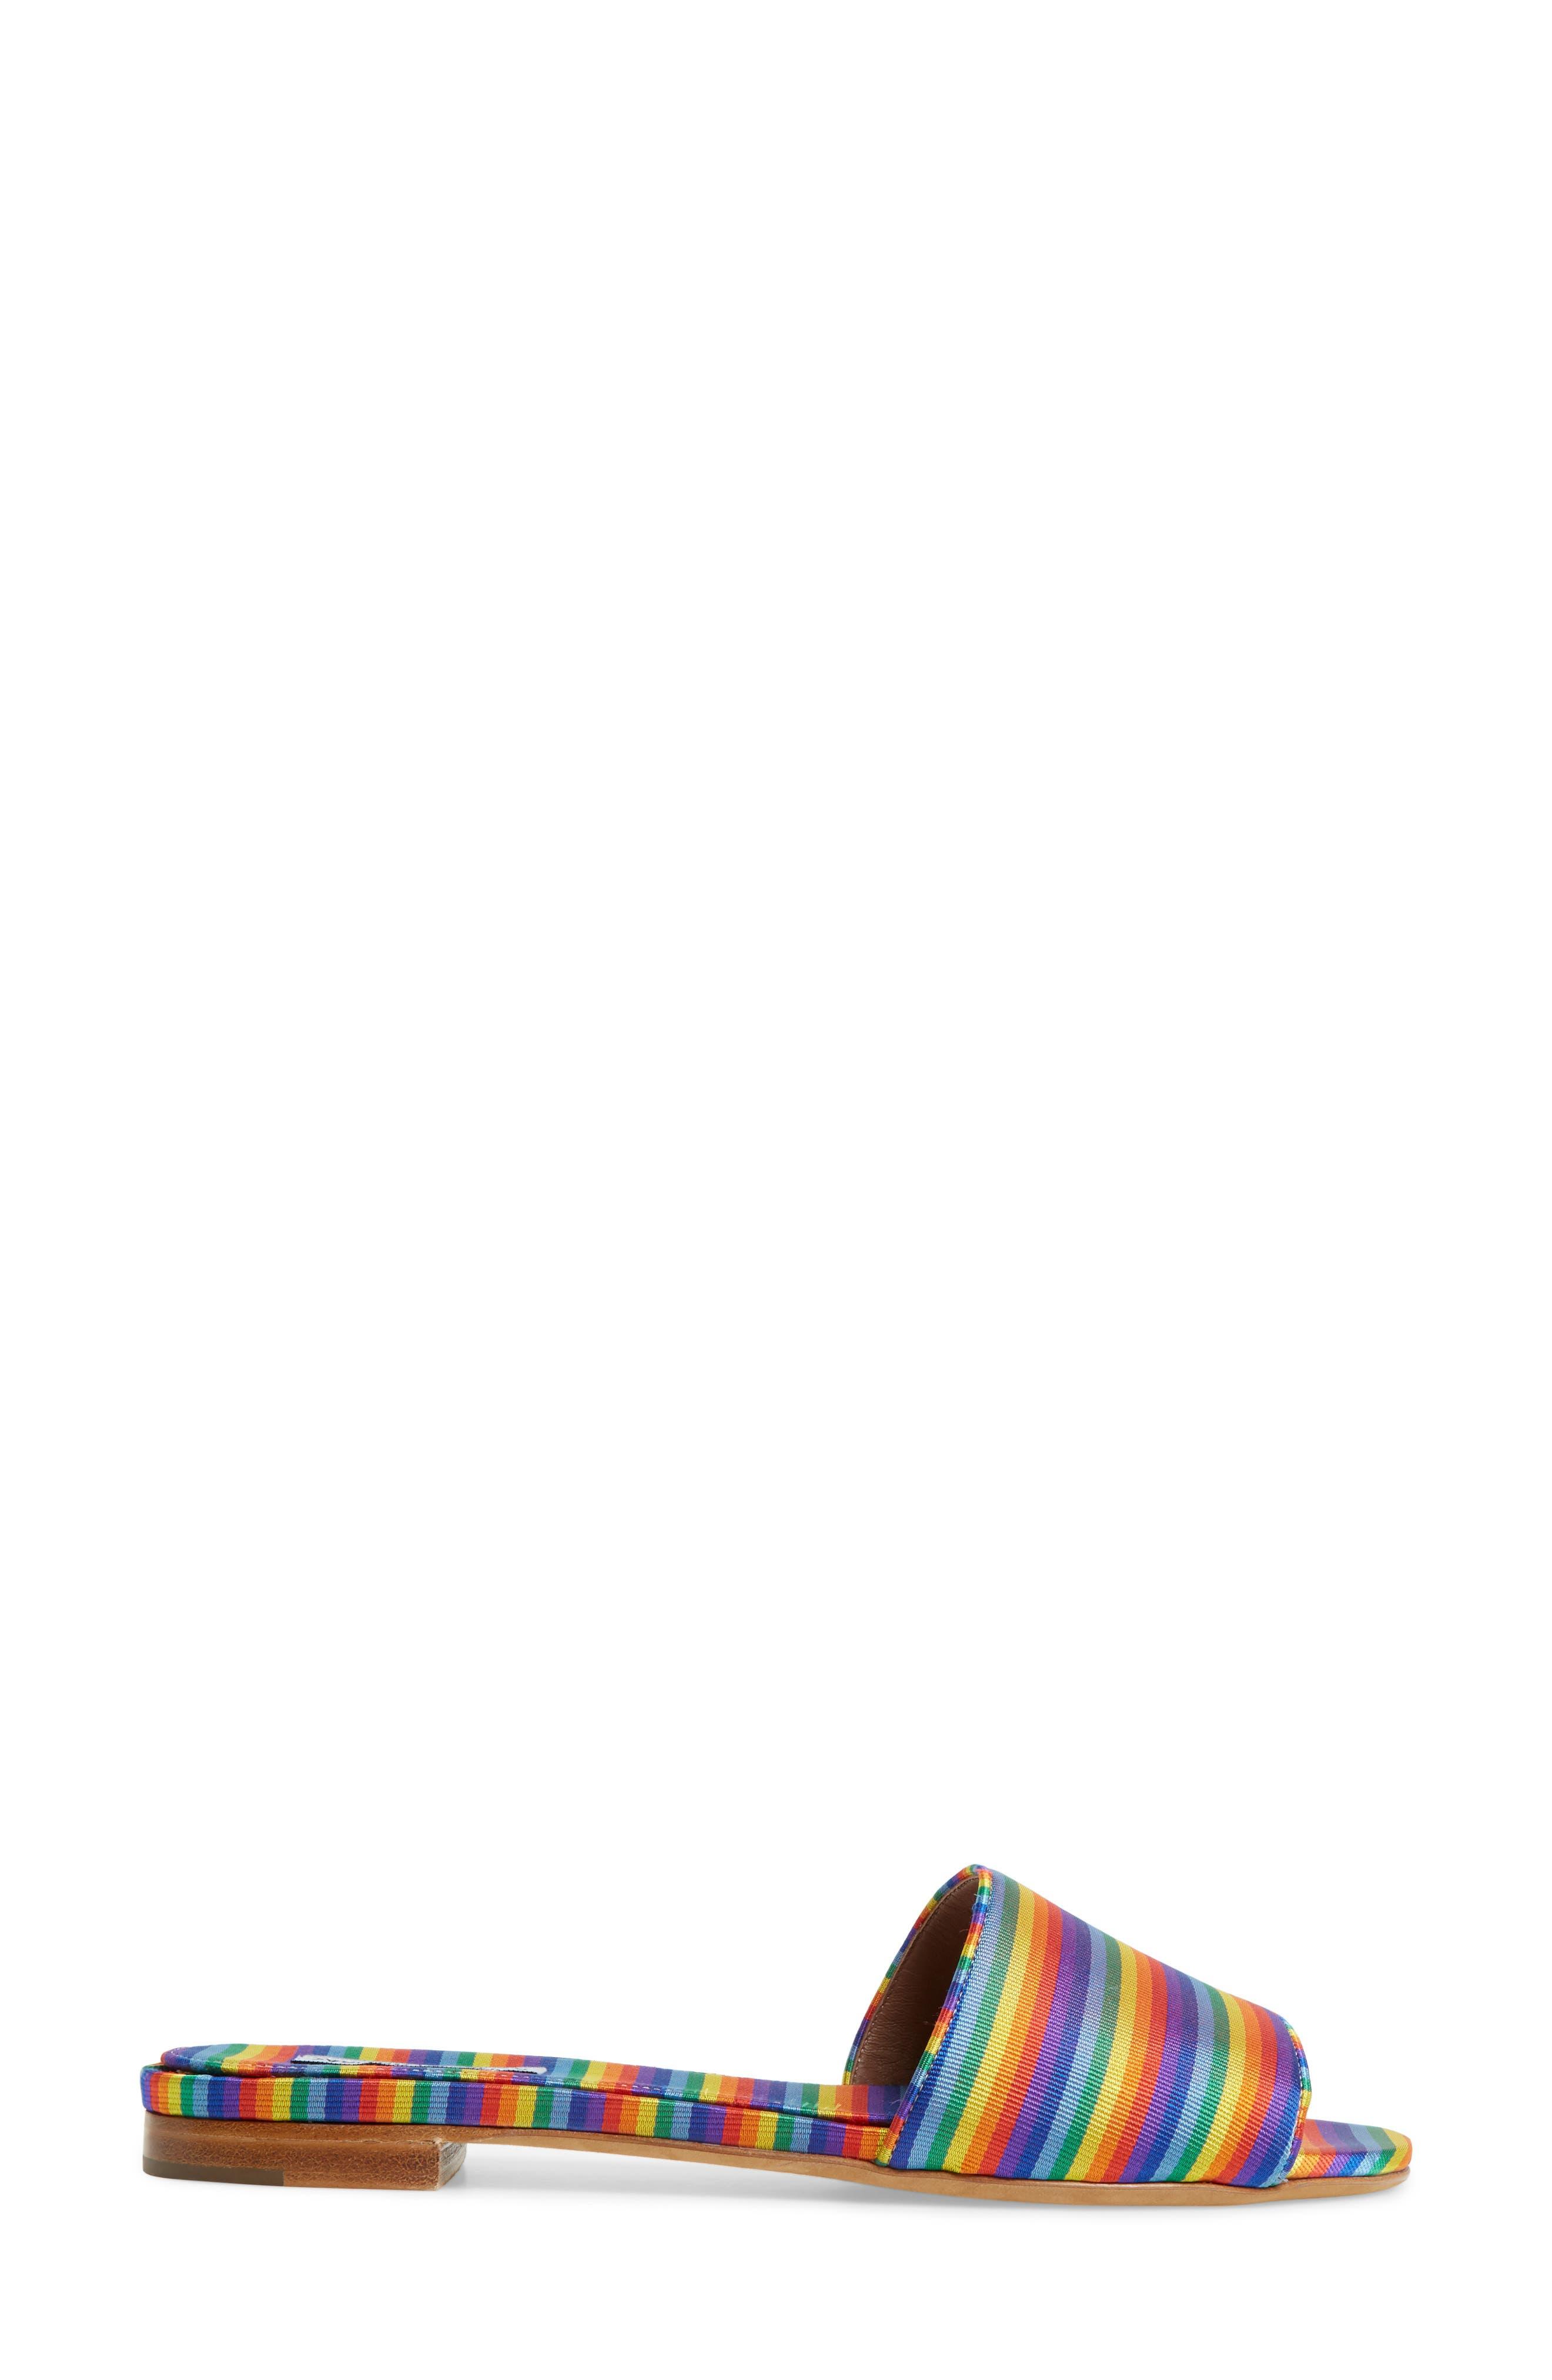 Sprinkles Slide Sandal,                             Alternate thumbnail 3, color,                             600